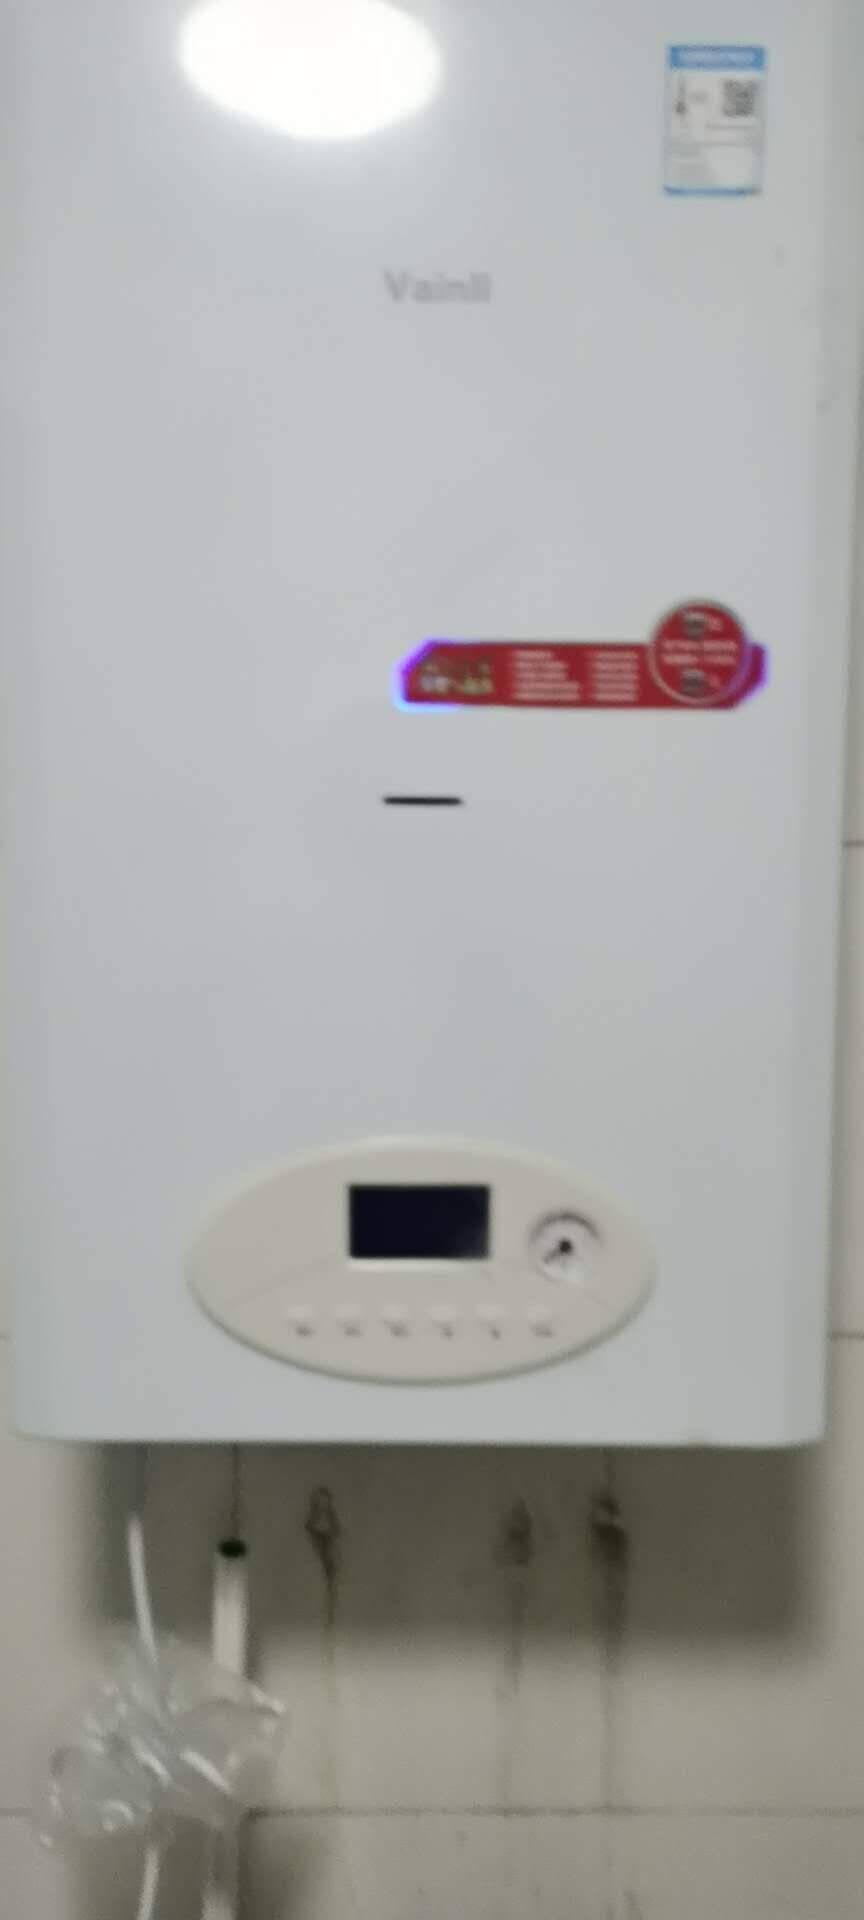 德国威仑(Vainll)壁挂炉天然气20/24/36KW燃气采暖洗浴两用锅炉宙斯系列20KW(核心进口标准版)